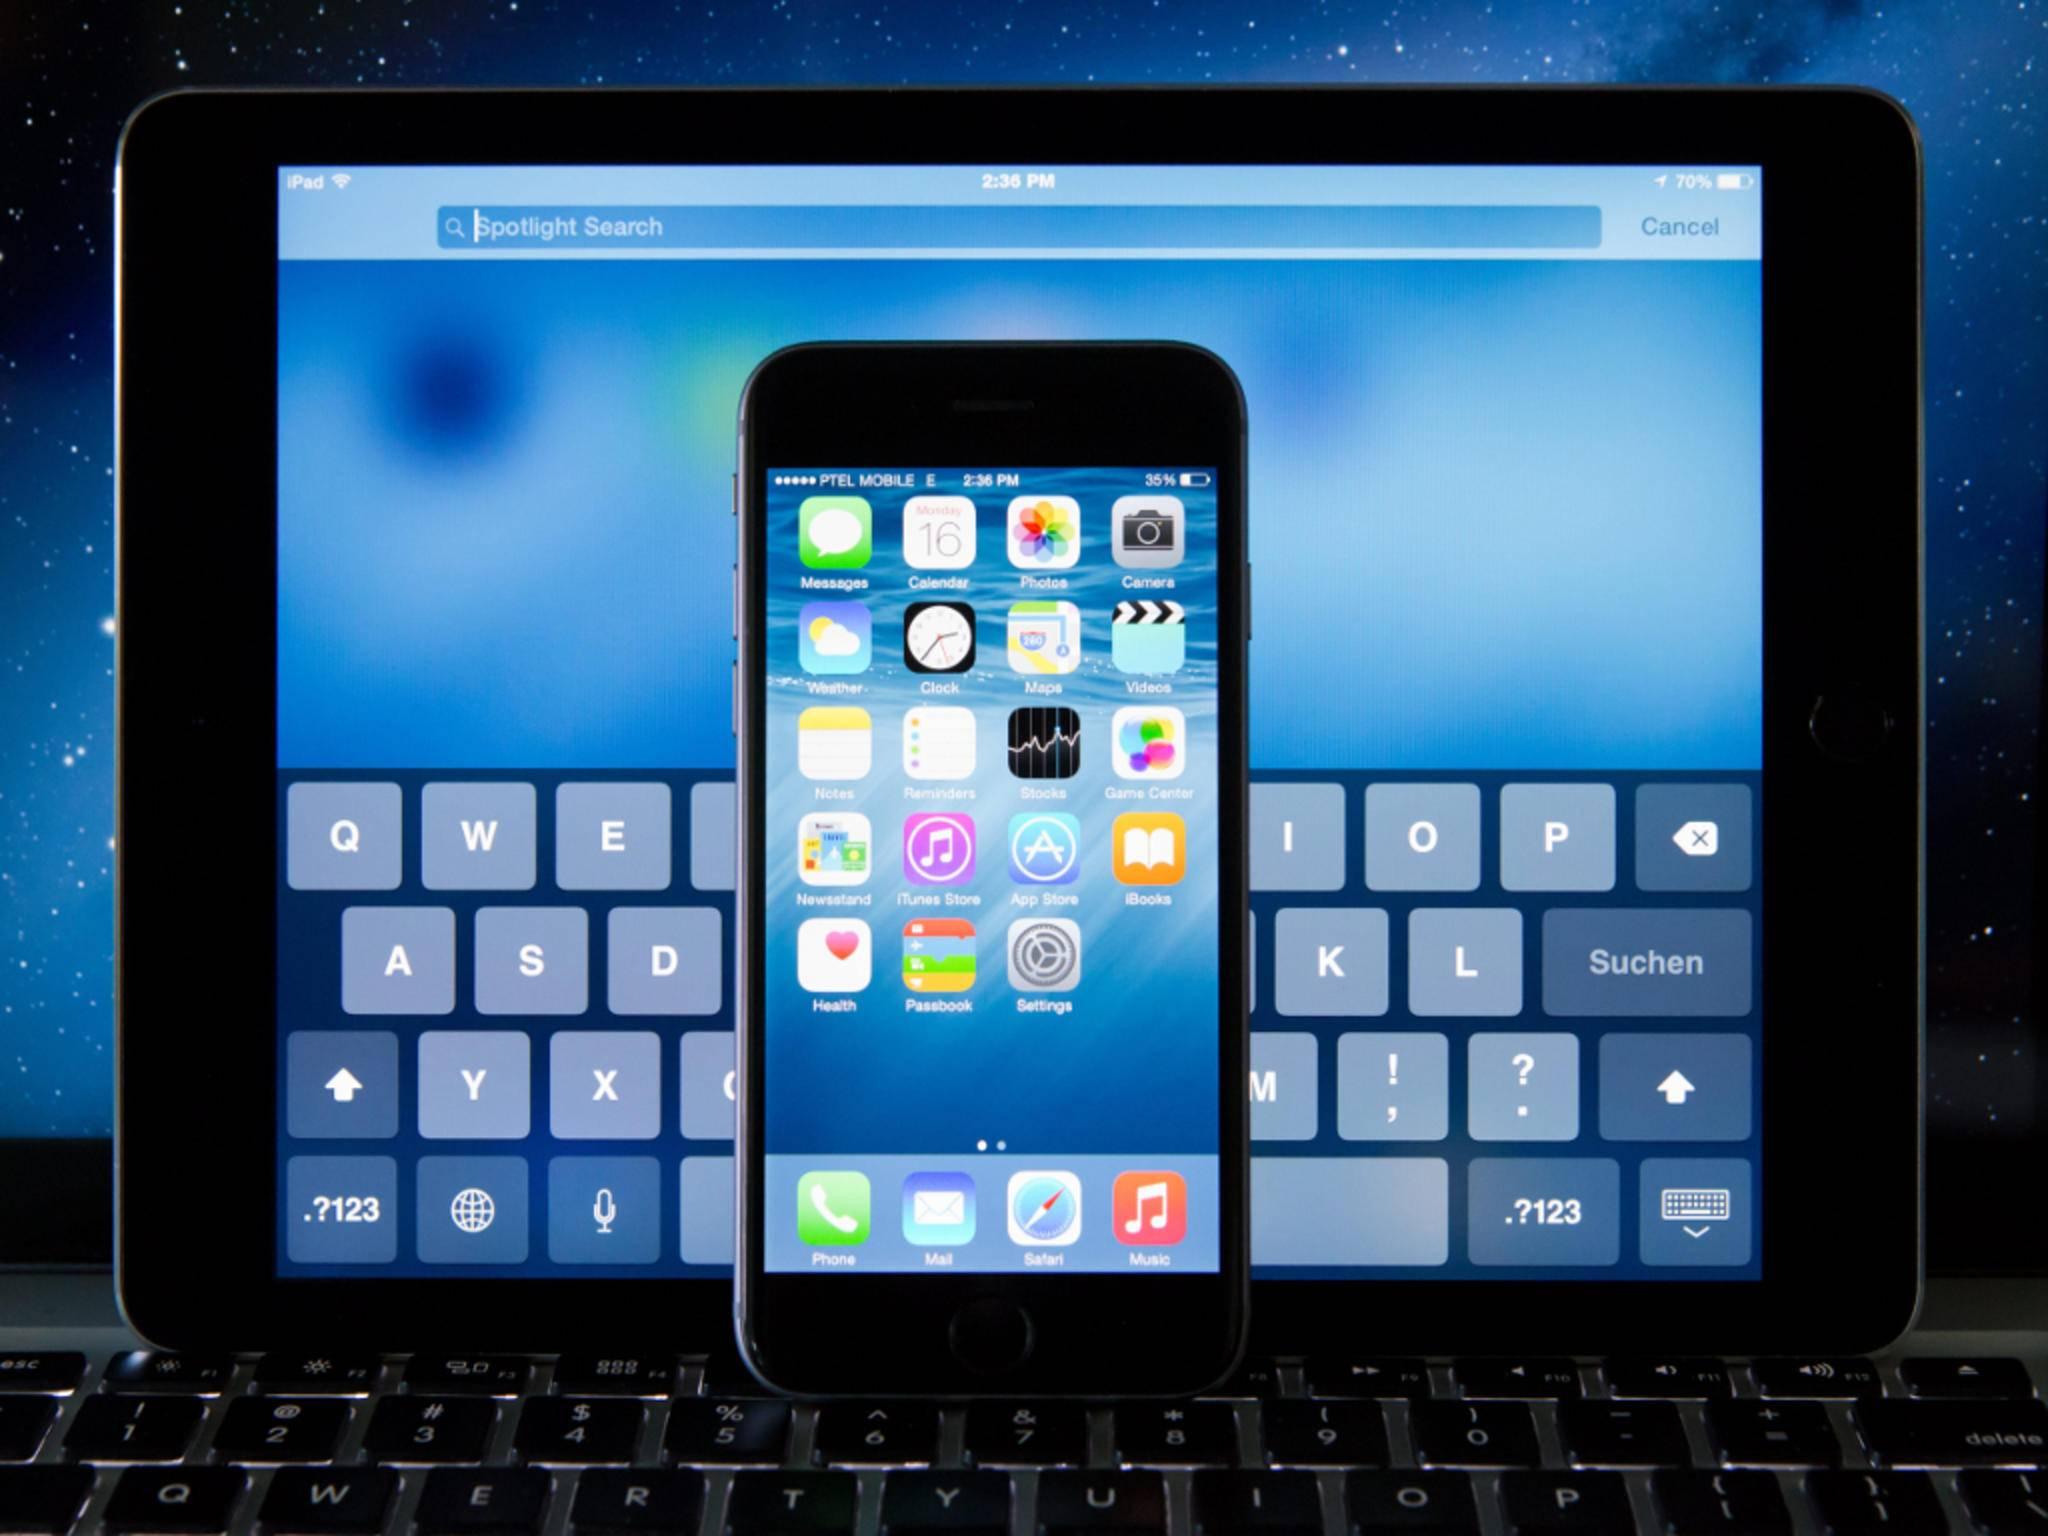 Jailbreak für iOS 8.4: Offenbar hat Apple nicht alle Sicherheitslecks geschlossen.